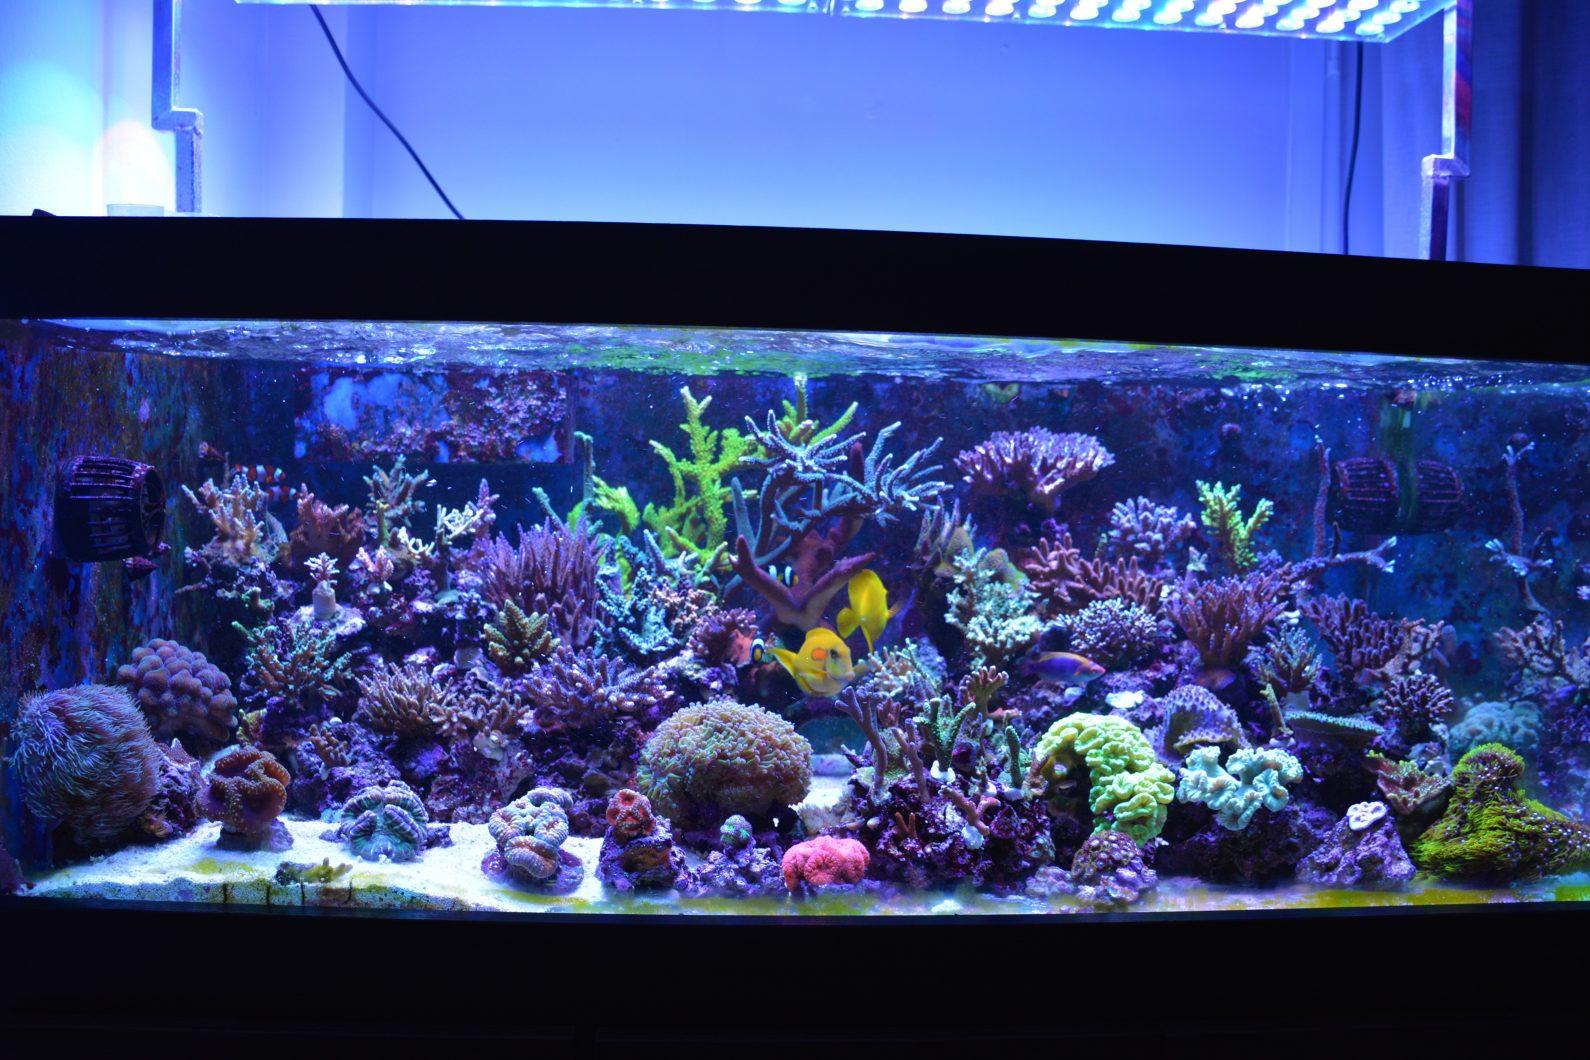 مذهلة إضاءة الشعاب المرجانية LED إضاءة orphek atlantik